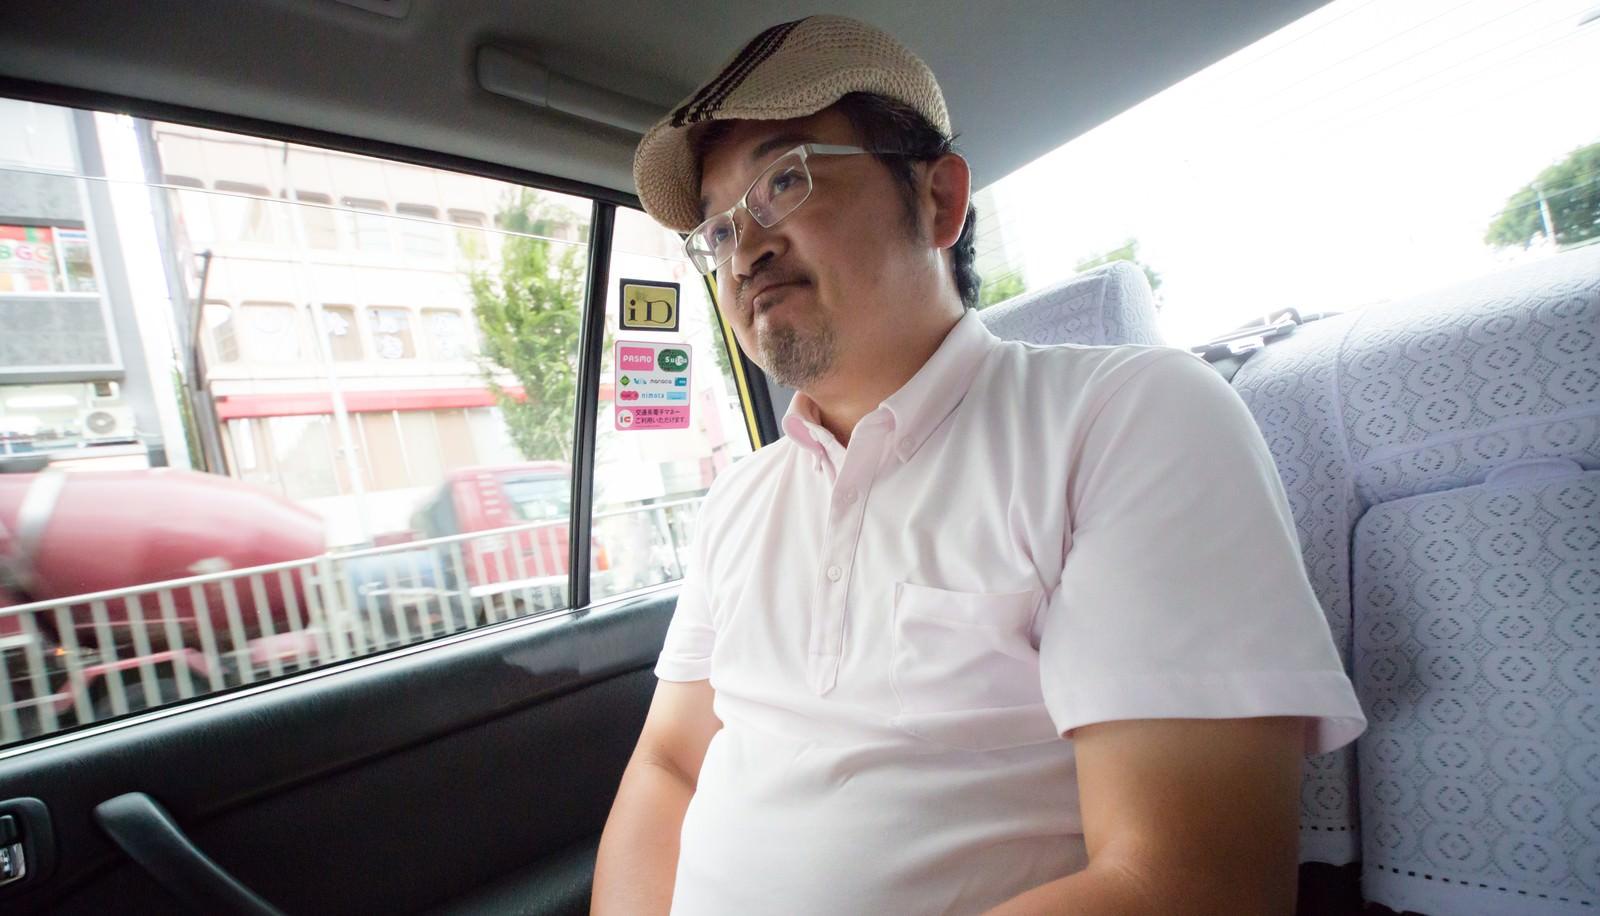 「タクシーの運転手に丸くなったと言われて苦笑いをするハンチング帽の男性タクシーの運転手に丸くなったと言われて苦笑いをするハンチング帽の男性」[モデル:ナリシゲ]のフリー写真素材を拡大